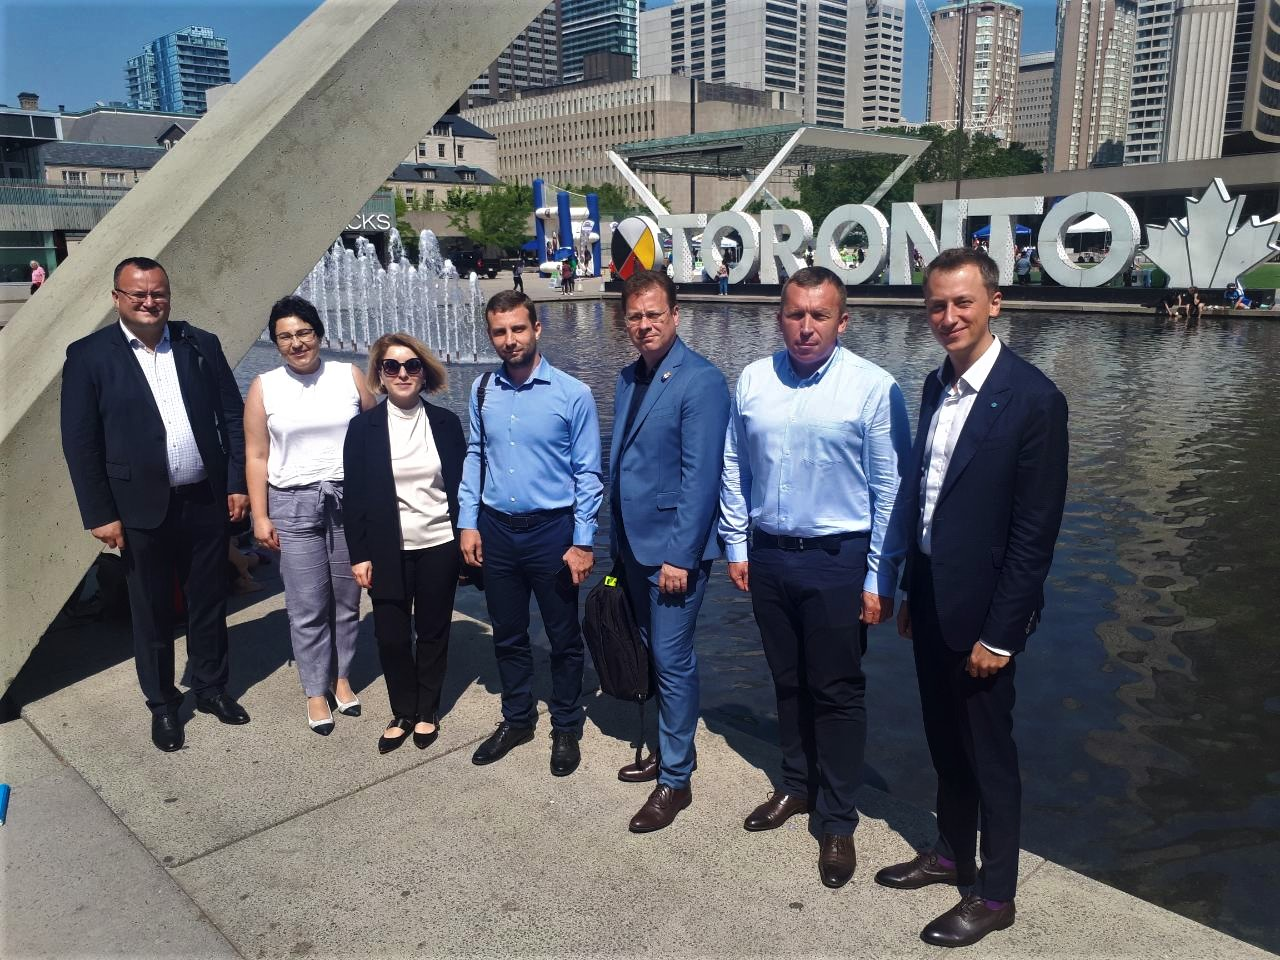 Міські голови «Міст доброчесності» та представники громадянського суспільства відвідали міжнародну конференцію з питань реформ в Україні